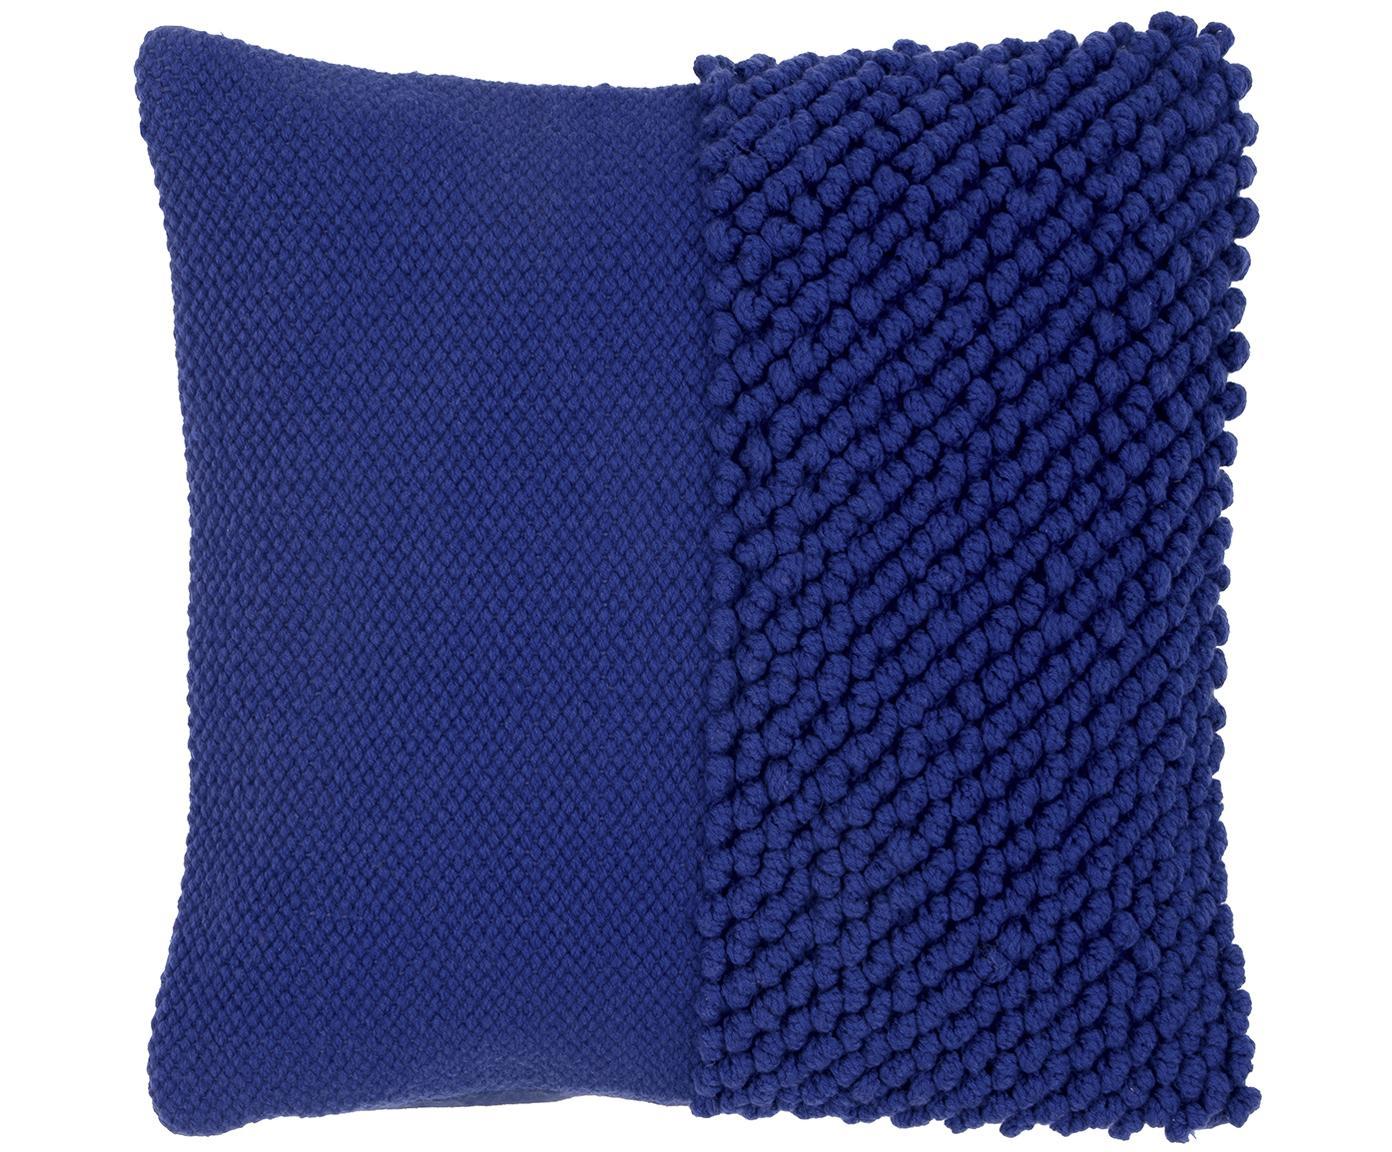 Federa arredo Andi, 90% acrilico, 10% cotone, Blu, Larg. 40 x Lung. 40 cm